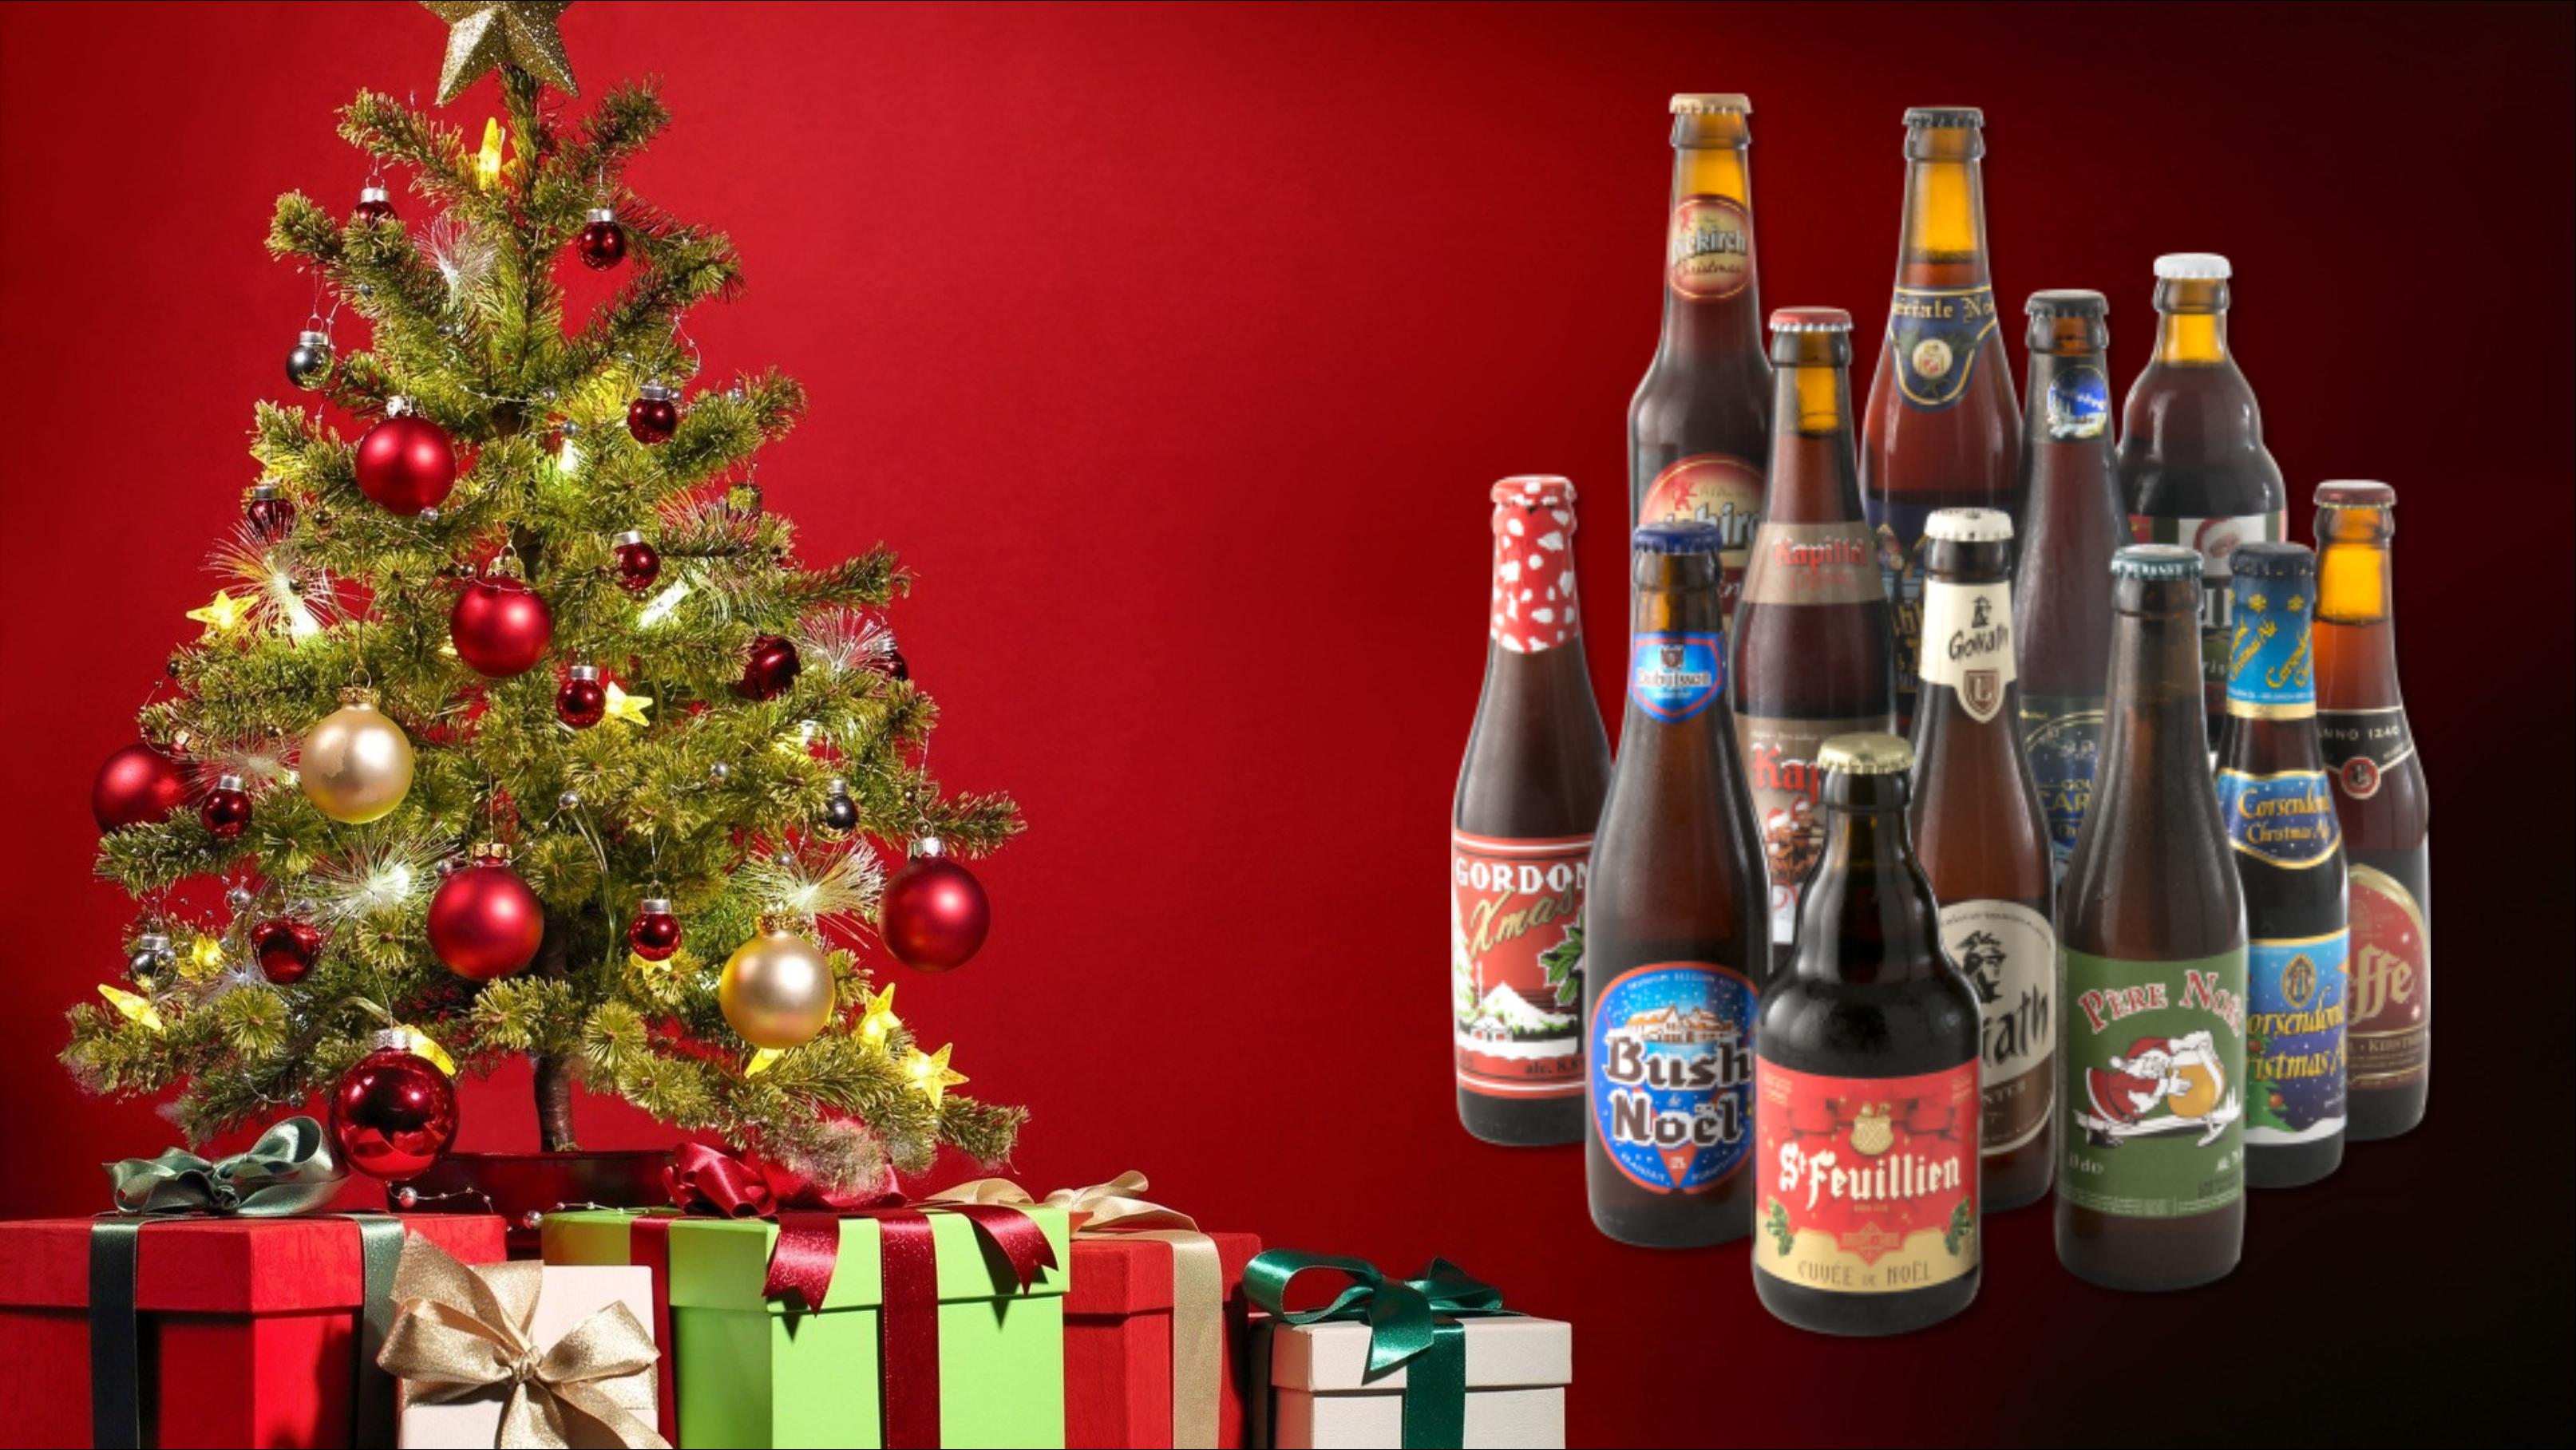 Kerst En Winterbieren Bierparadijs 2018 Eindejaar